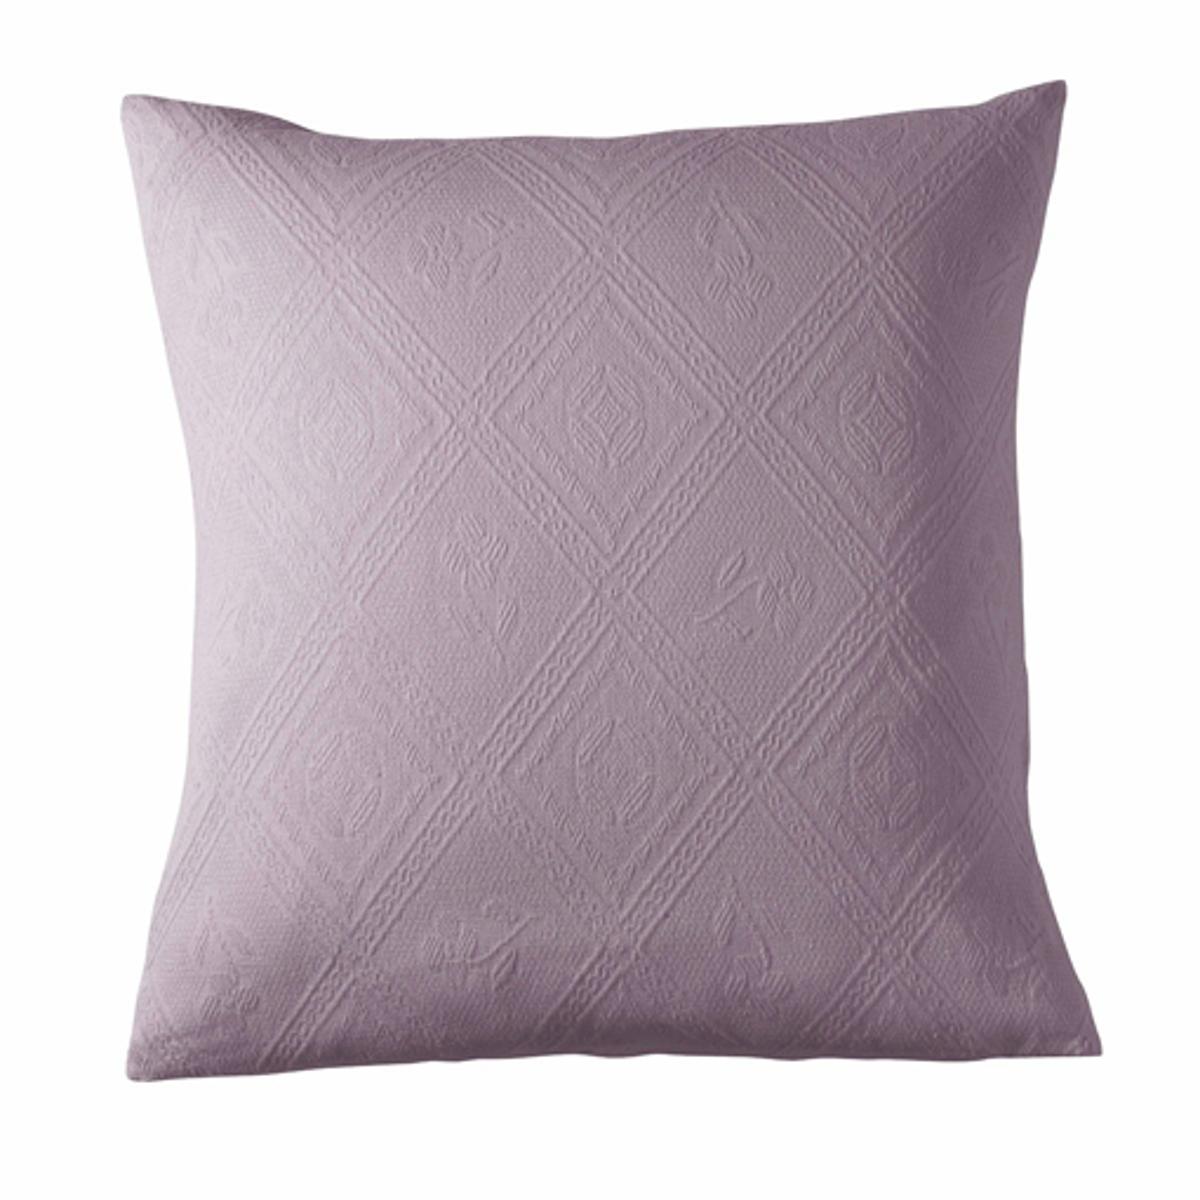 Чехол на подушку из жаккардовой ткани, INDOЧехол на подушку из великолепной хлопковой жаккардовой ткани с ромбовидным узором, качество переплетения (380 г/м?). Характеристики наволочки на подушку-валик или наволочки :- Форма с запахом.- Размеры :  65 x 65 см.- Машинная стирка при 40 °С.<br><br>Цвет: белый,серо-коричневый,серый жемчужный,серый,экрю,ярко-фиолетовый<br>Размер: 40 x 40  см.65 x 65  см.40 x 40  см.65 x 65  см.65 x 65  см.65 x 65  см